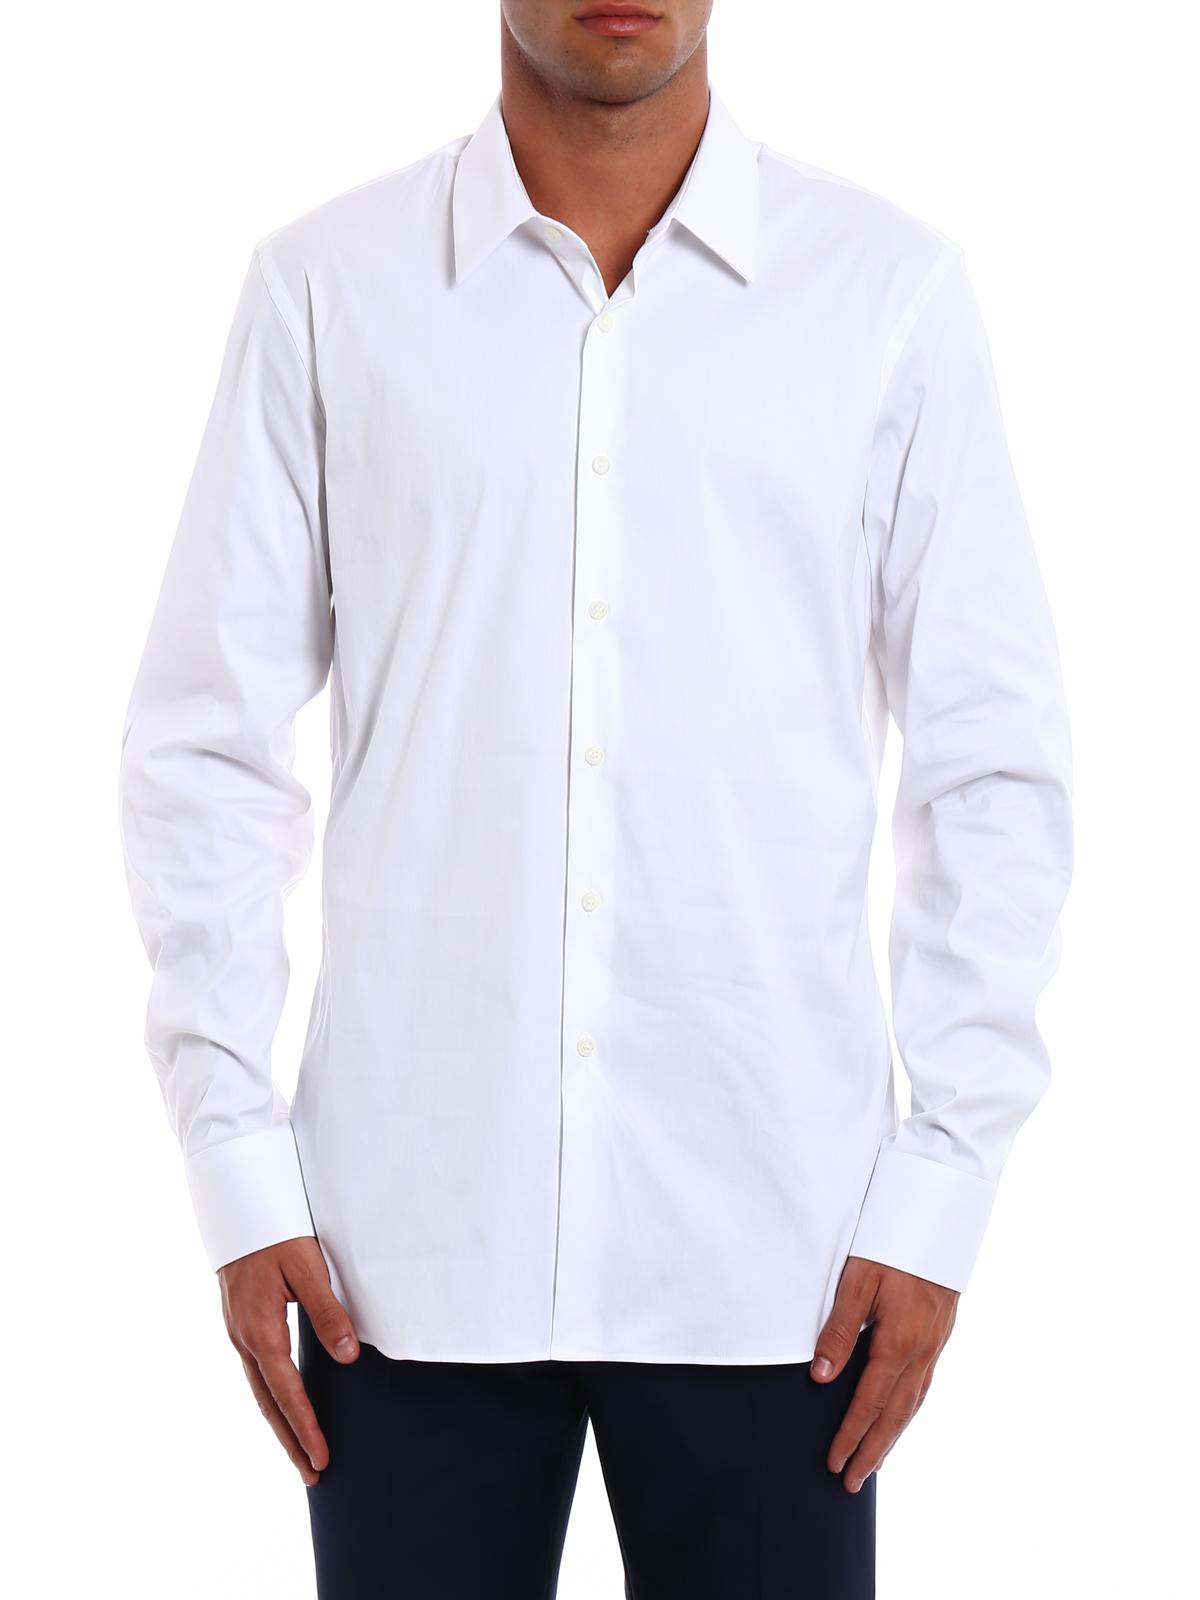 029d2da5 Prada - Stretch poplin shirt - shirts - UCM608 F62 F0009 | iKRIX.com